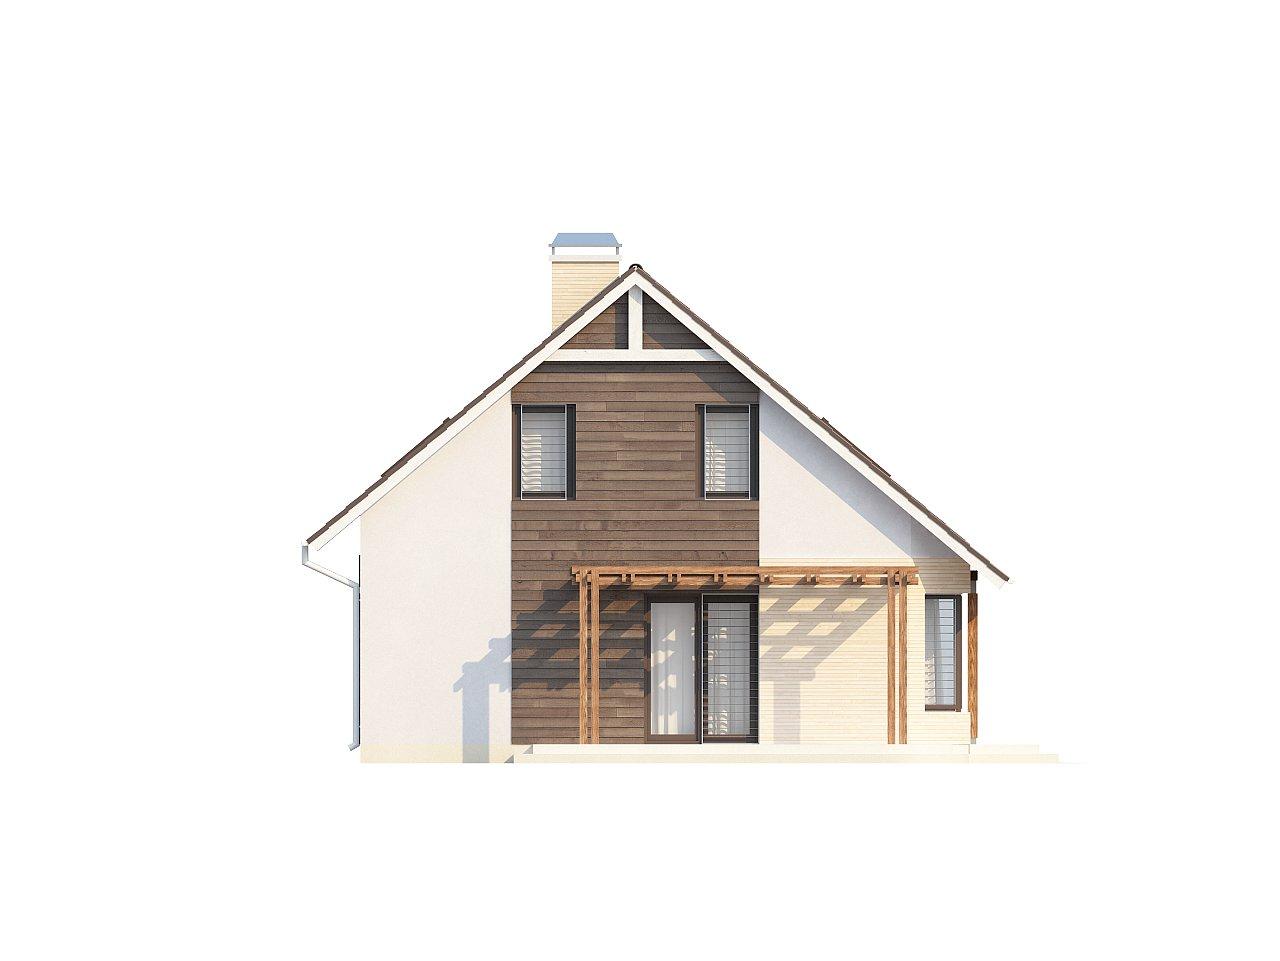 Проект дома с гостиной со стороны входа, боковой террасой и дополнительной спальней на первом этаже. 5